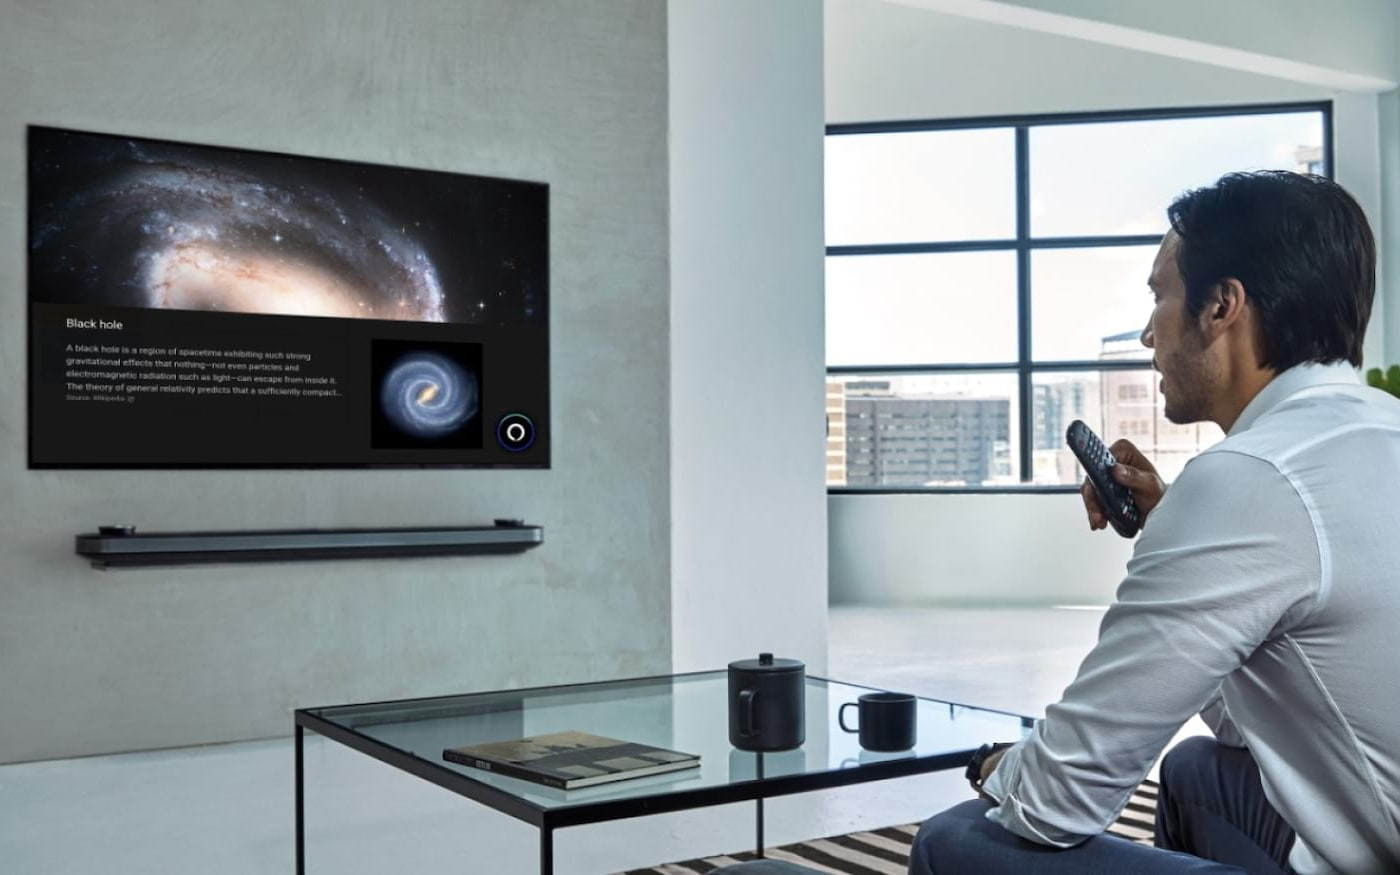 TVs da LG recebem suporte ao assistênte de voz Alexa (criado pela Amazon) no final deste mês